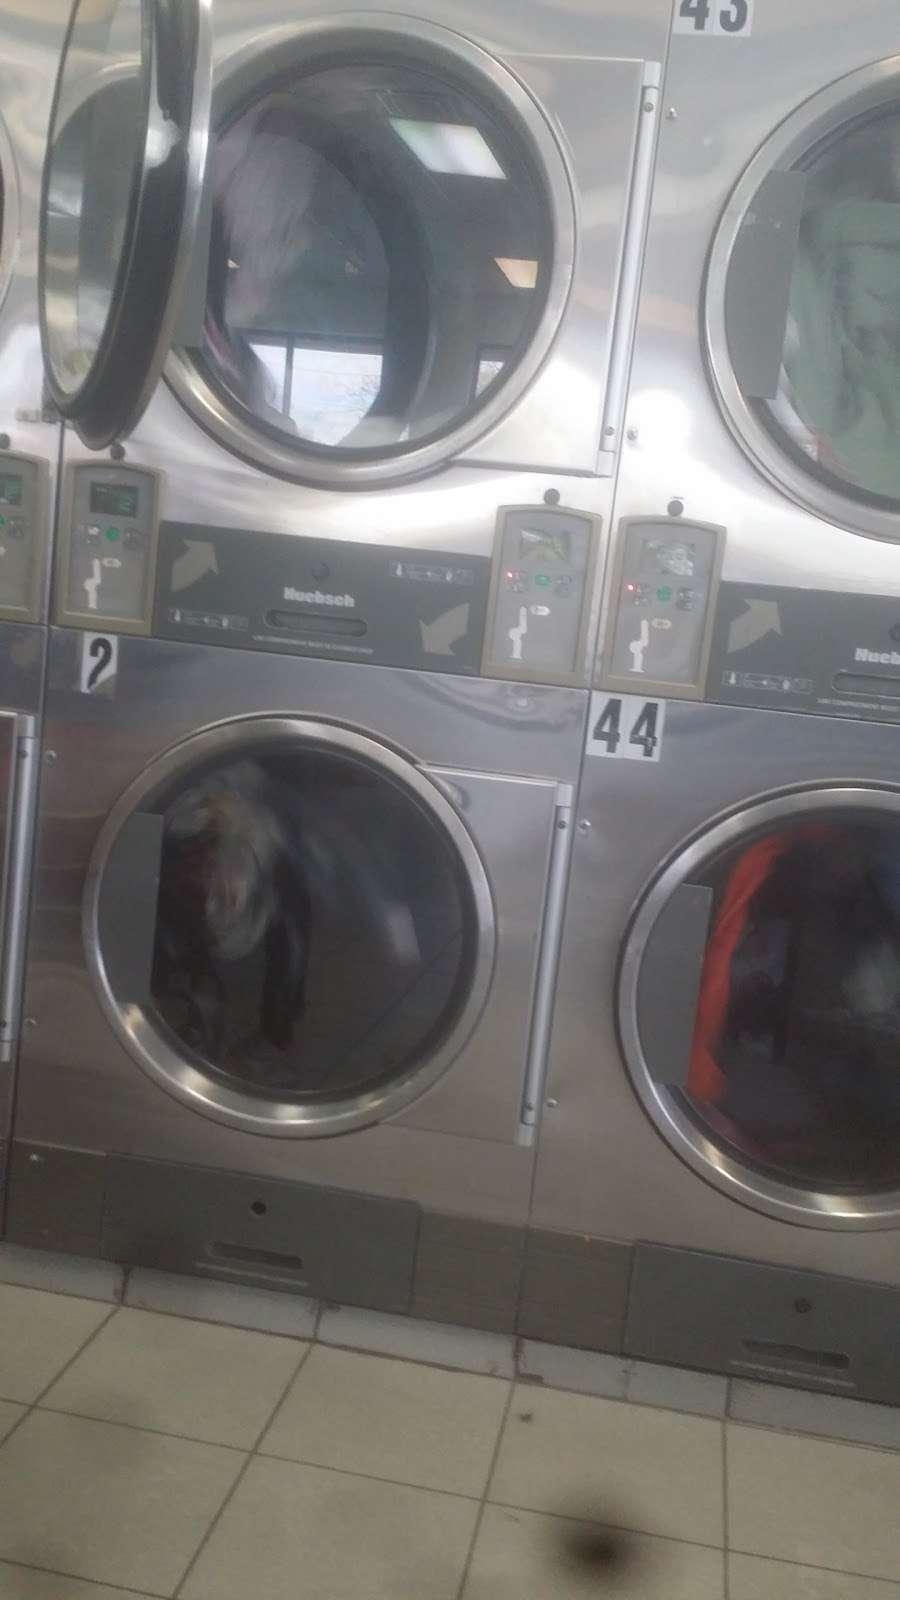 Tub&tumble Laundromat - laundry  | Photo 6 of 8 | Address: 15, 25-15 Seagirt Blvd, Far Rockaway, NY 11691, USA